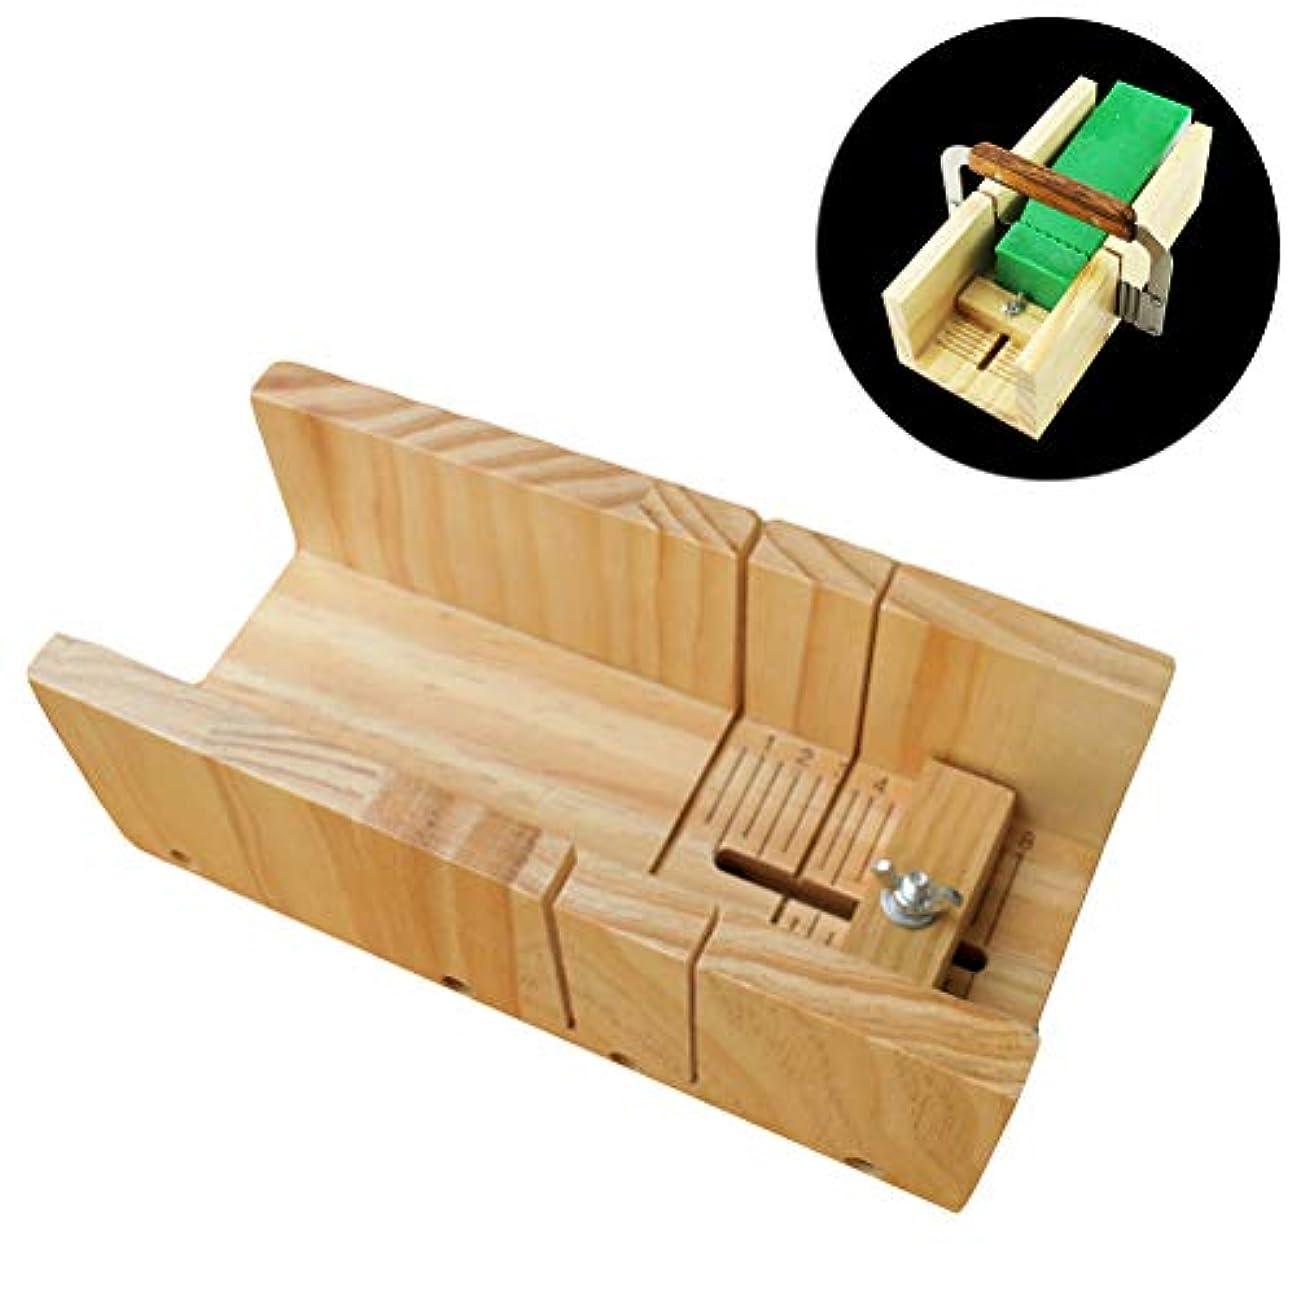 国旗旅客残酷Healifty 木製石鹸カッターモールド石鹸ロープモールド調節可能なカッターモールドボックス石鹸ツールを作る